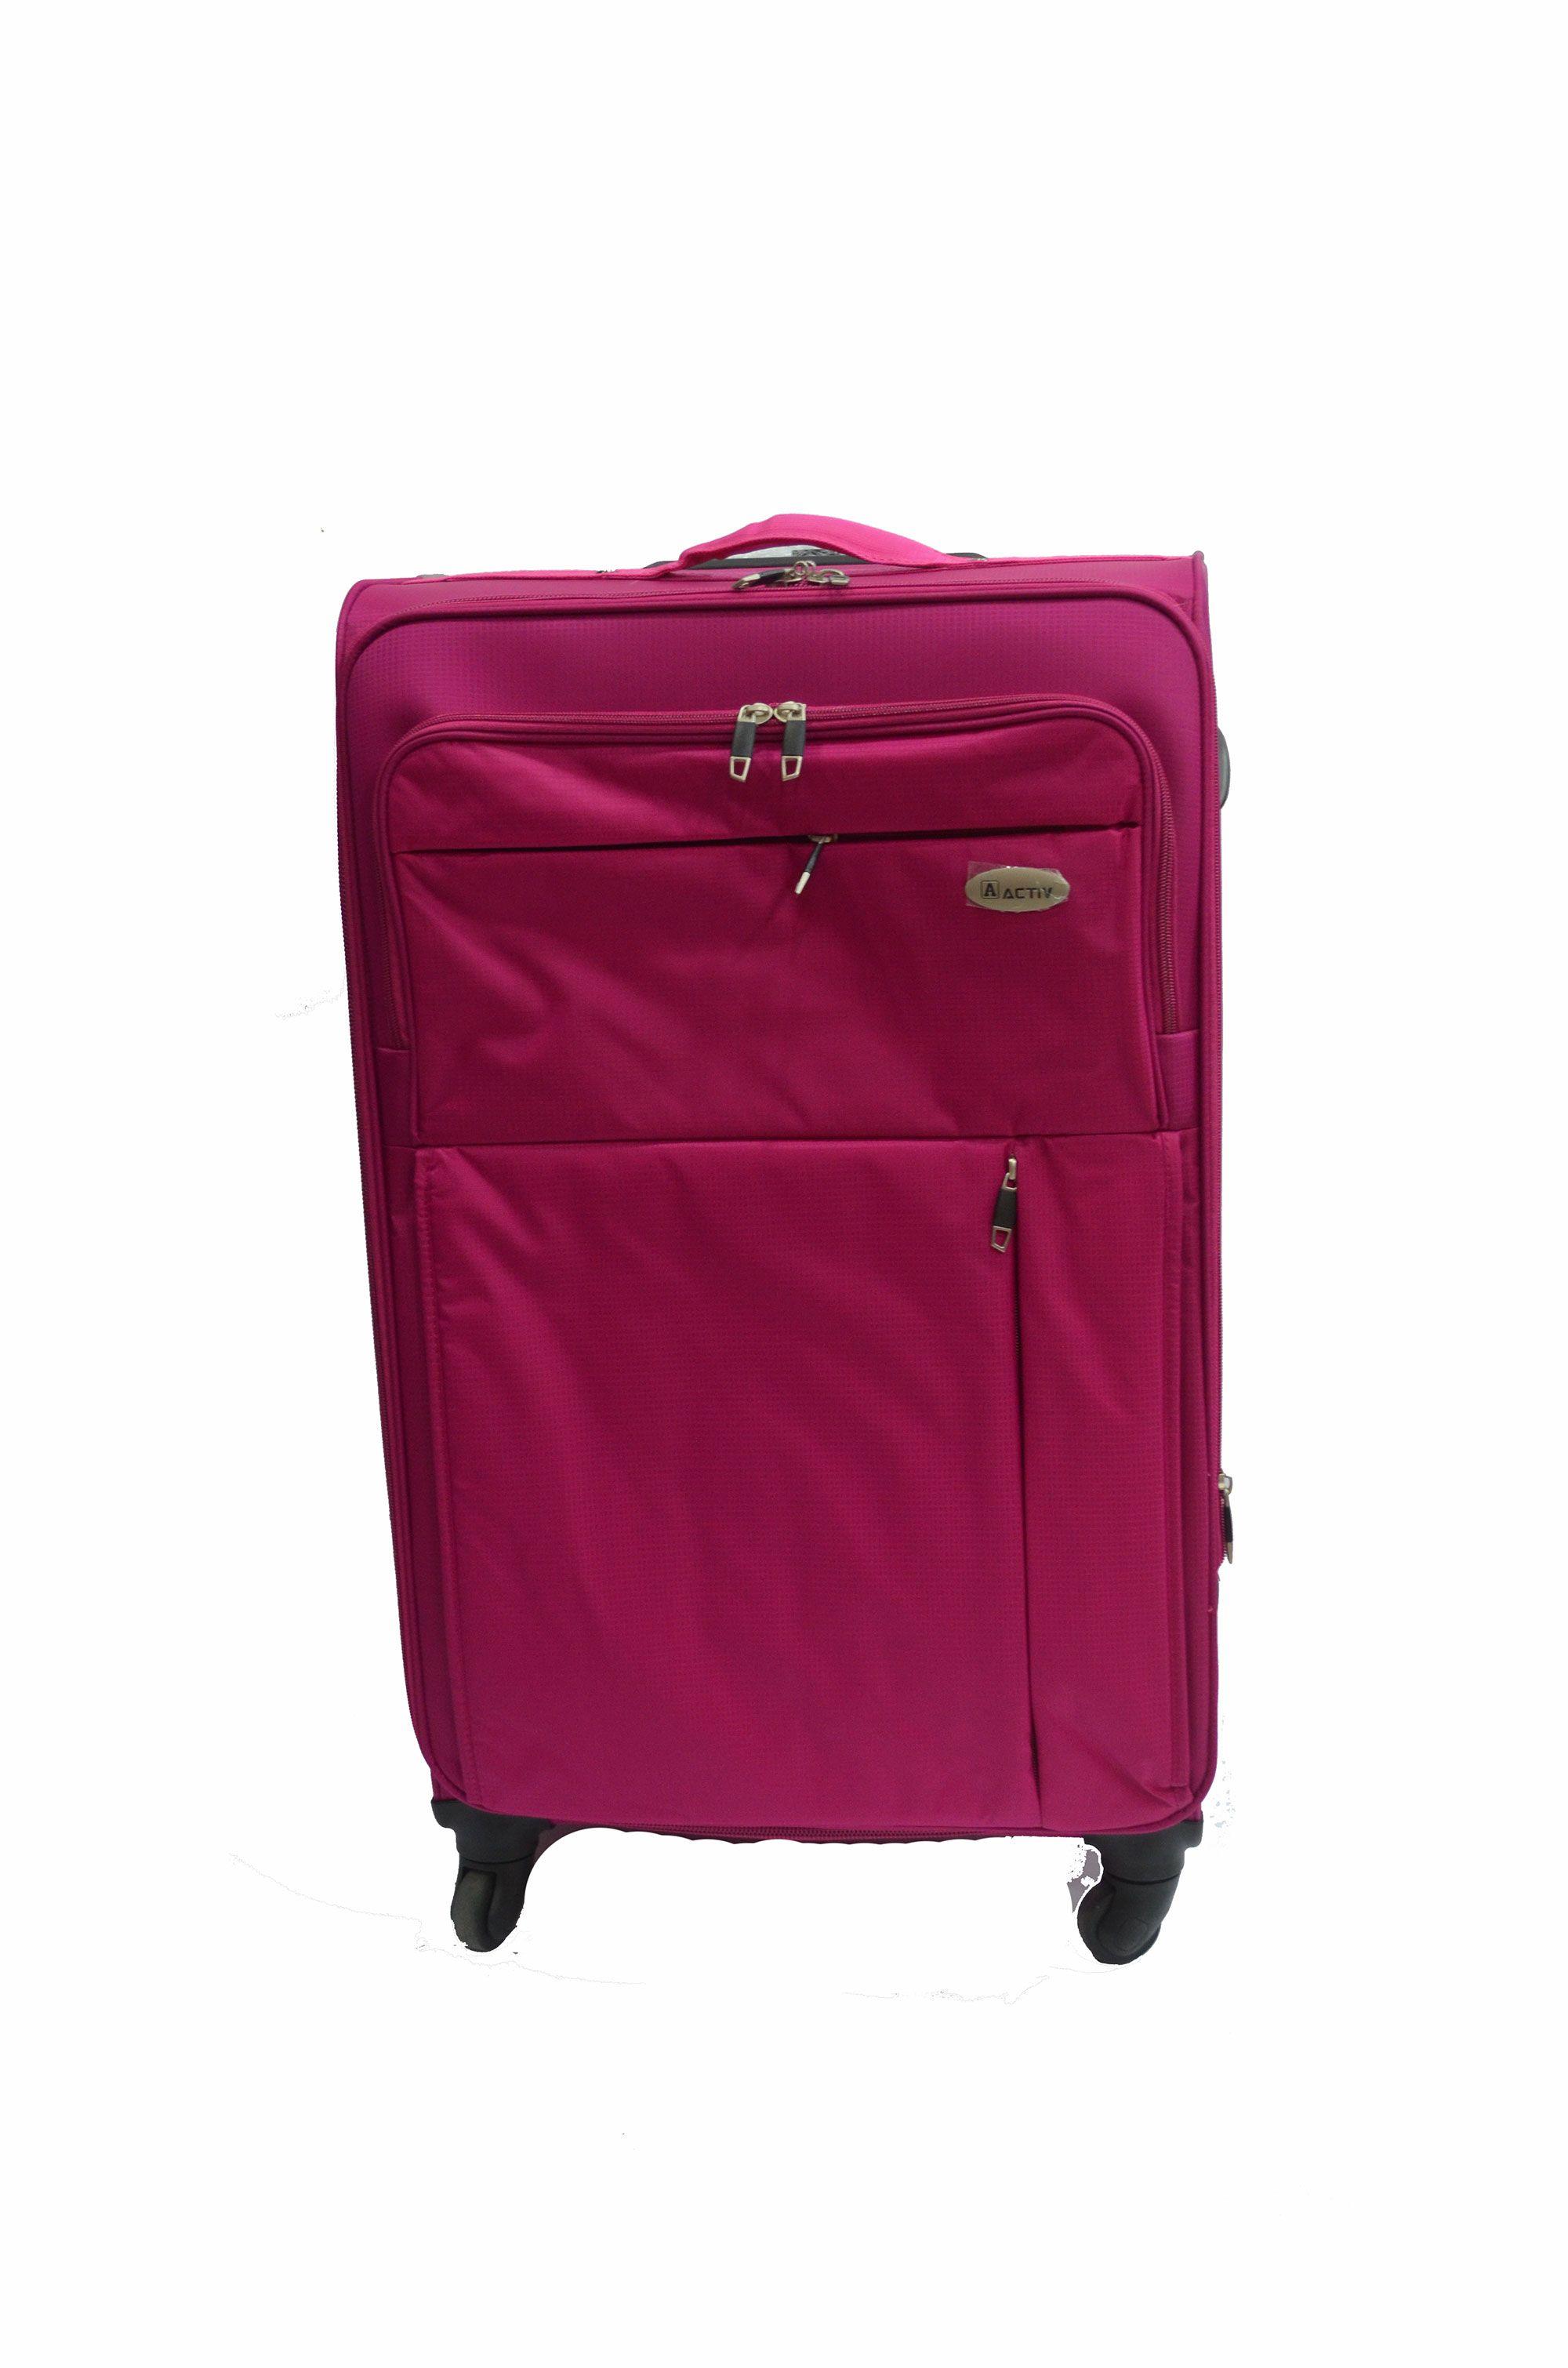 موديلات شنط جديده فى جميع الفروع من اكتف السعر 475 375 275 جنية Fashion Luggage Suitcase